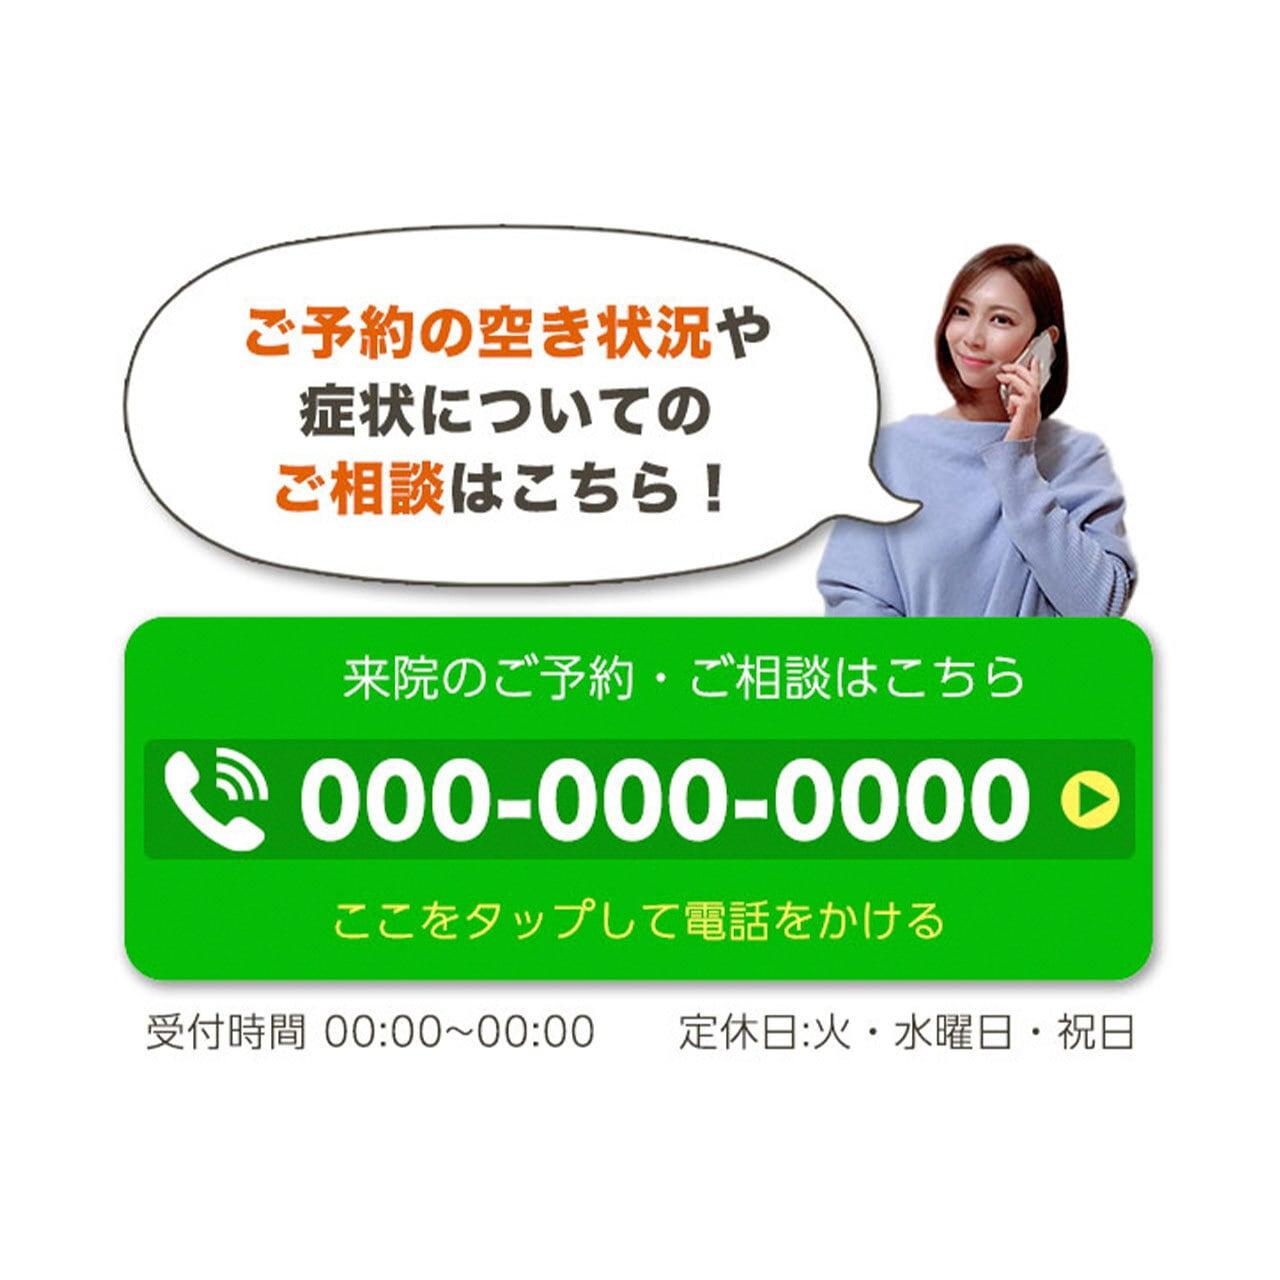 オリジナル「コメント付き電話ボタン」制作